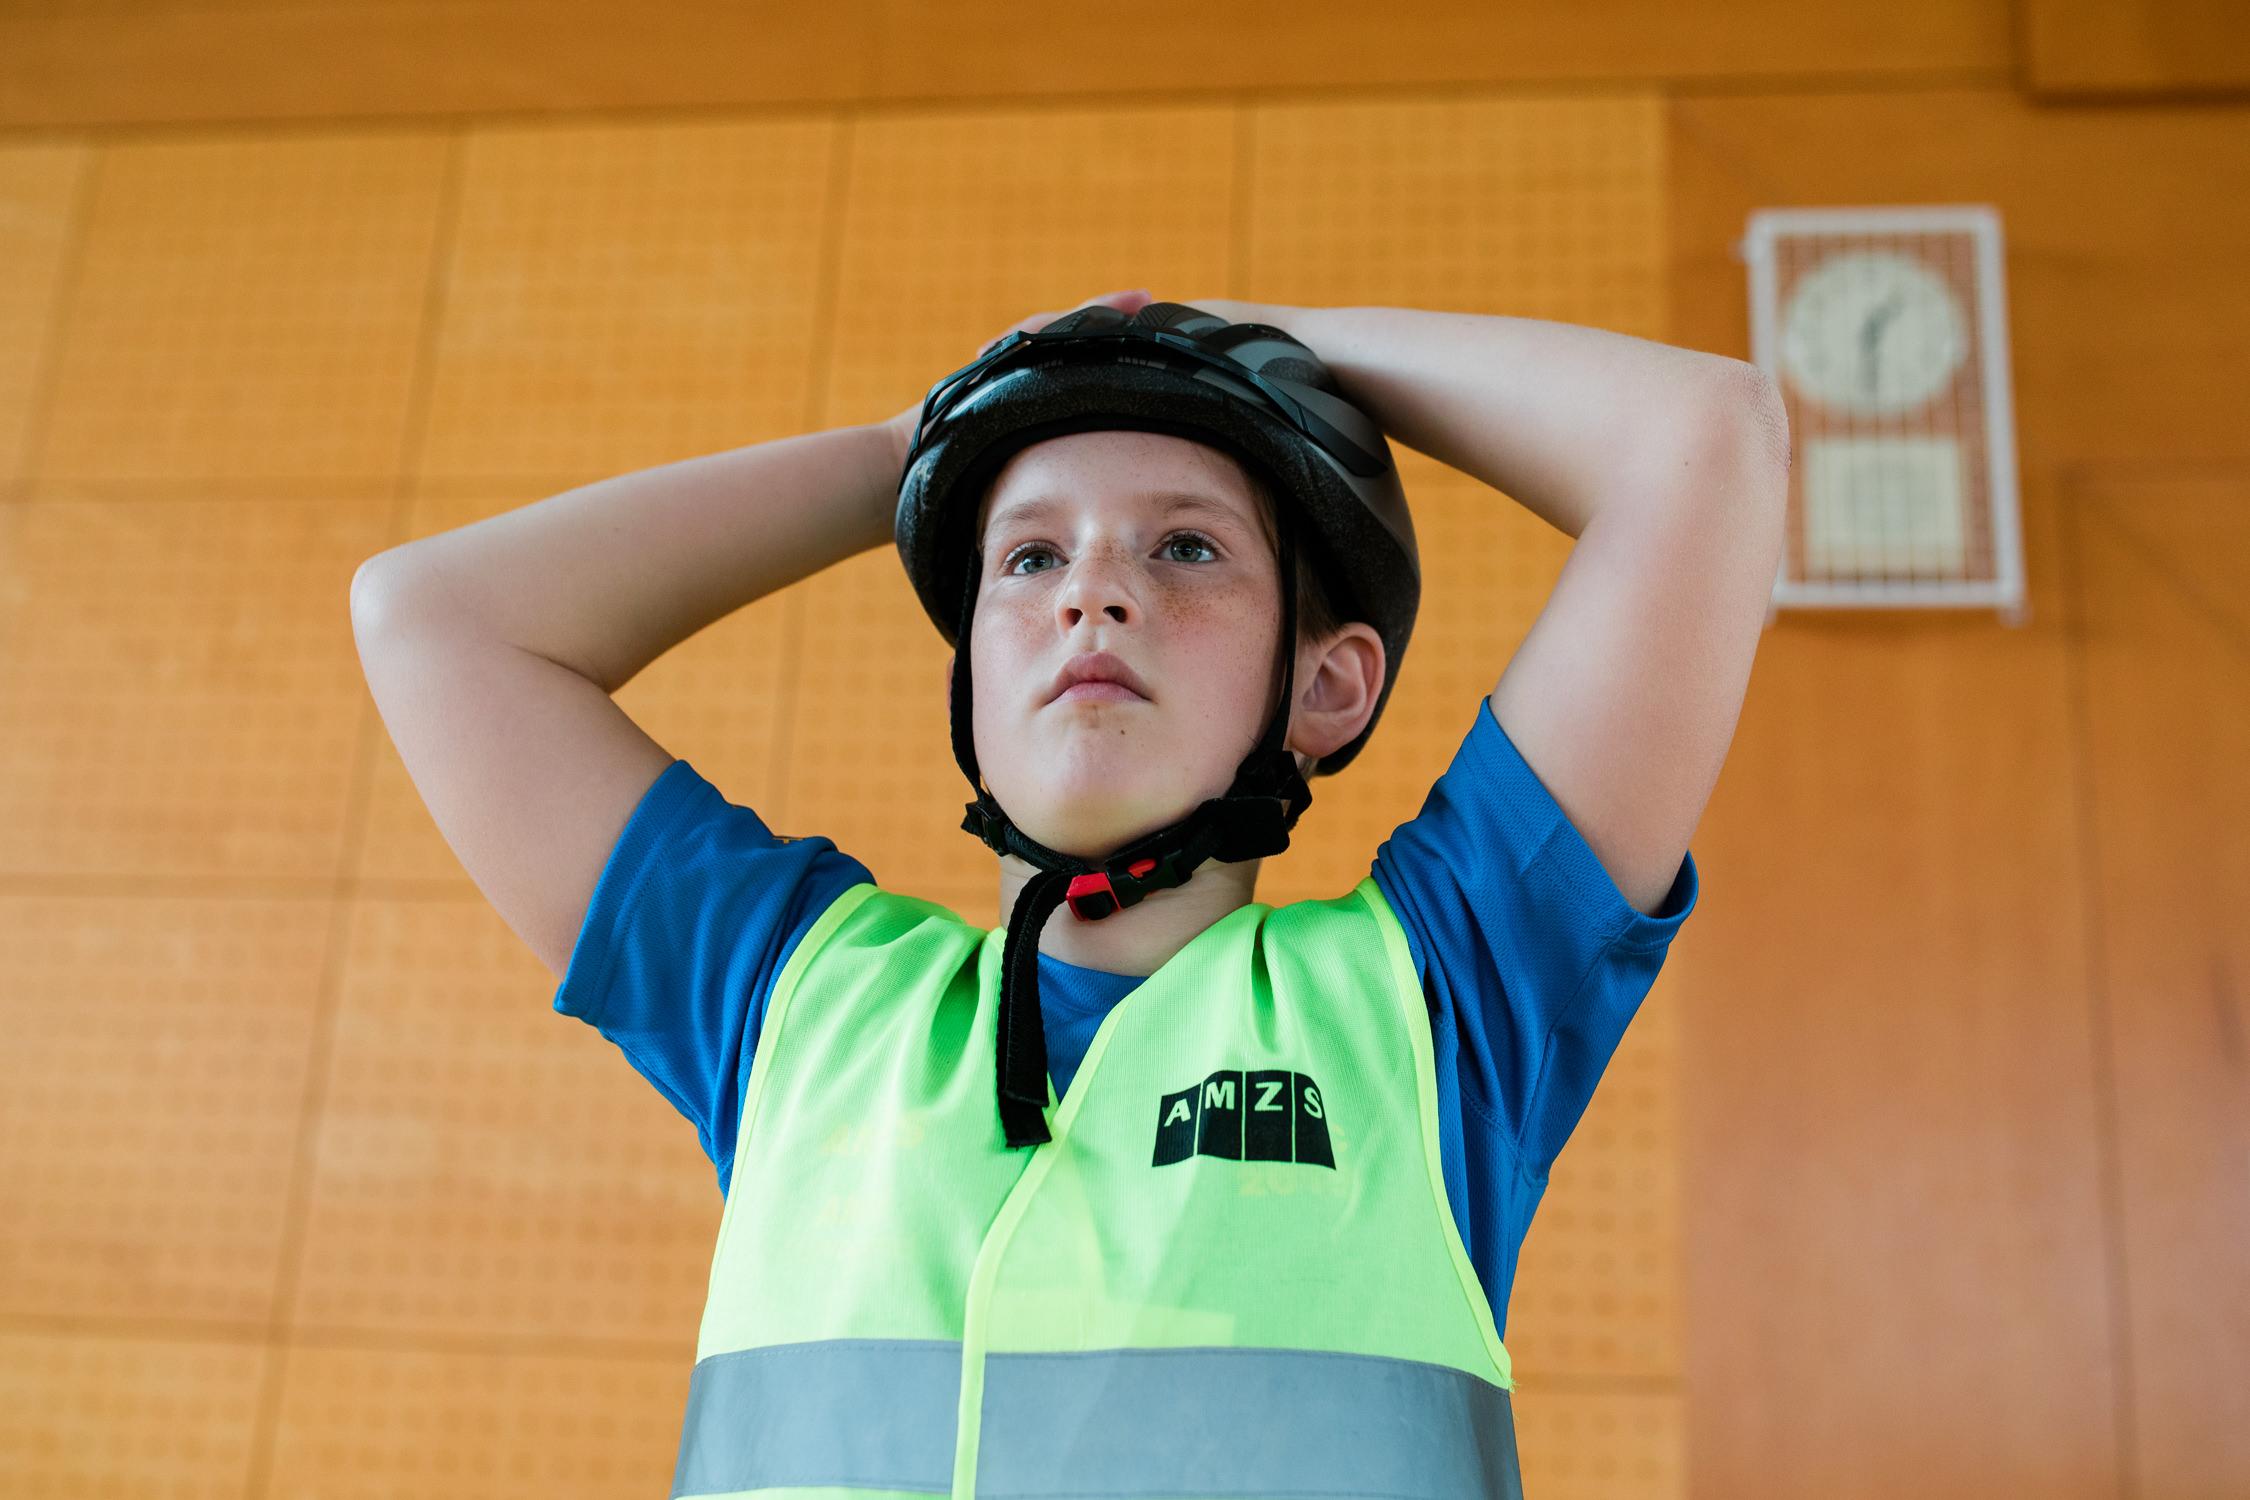 najboljsi-mladi-kolesar-2019_male-68_0